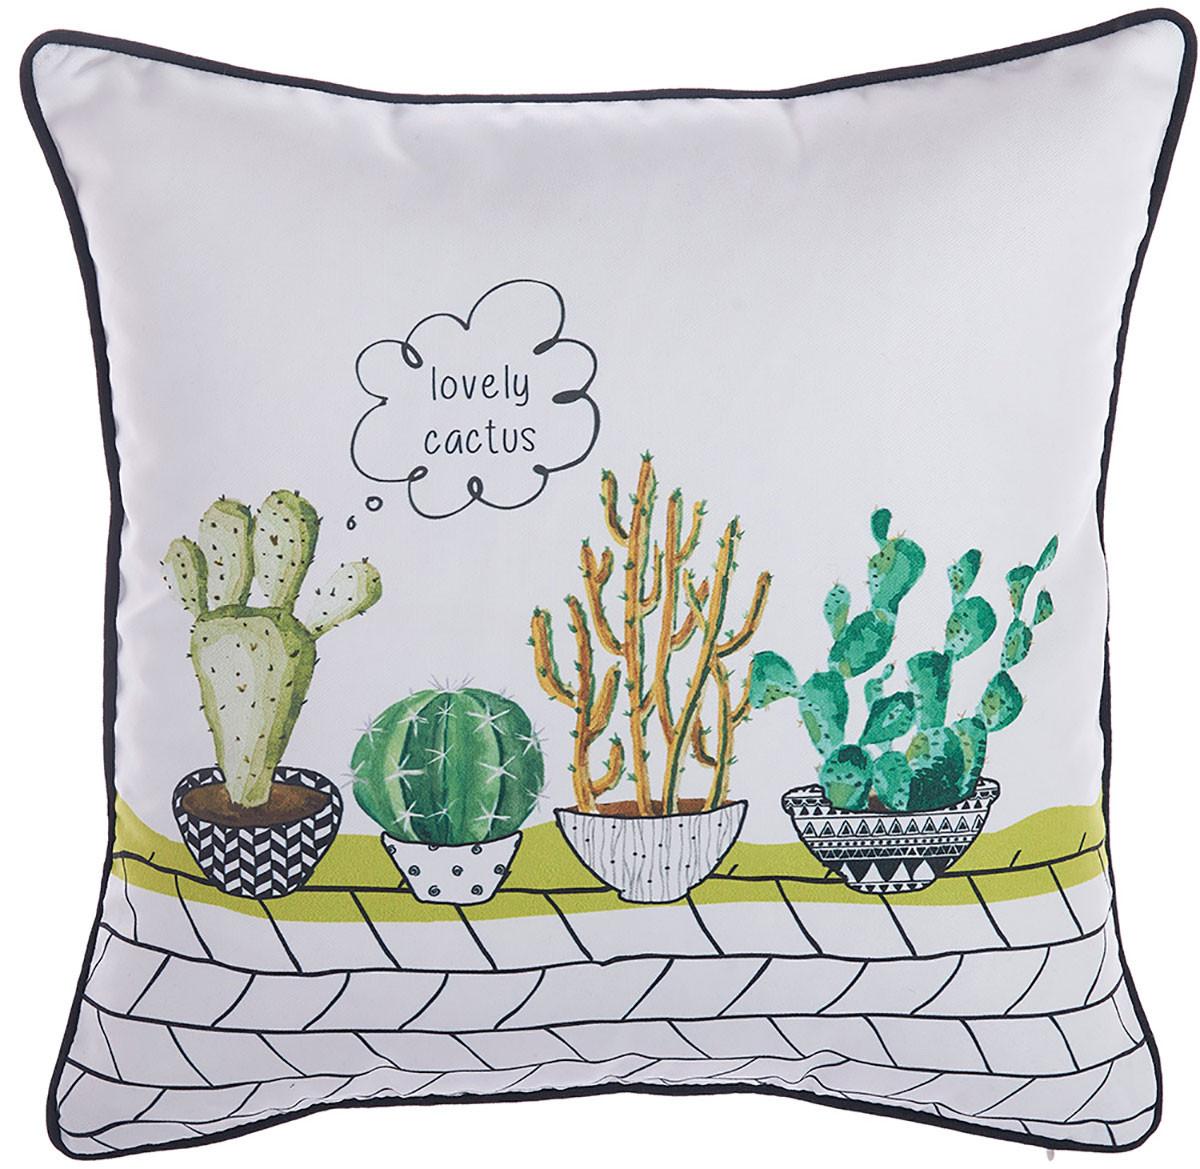 Διακοσμητική Μαξιλαροθήκη Apolena Cactus White 702-6217/1